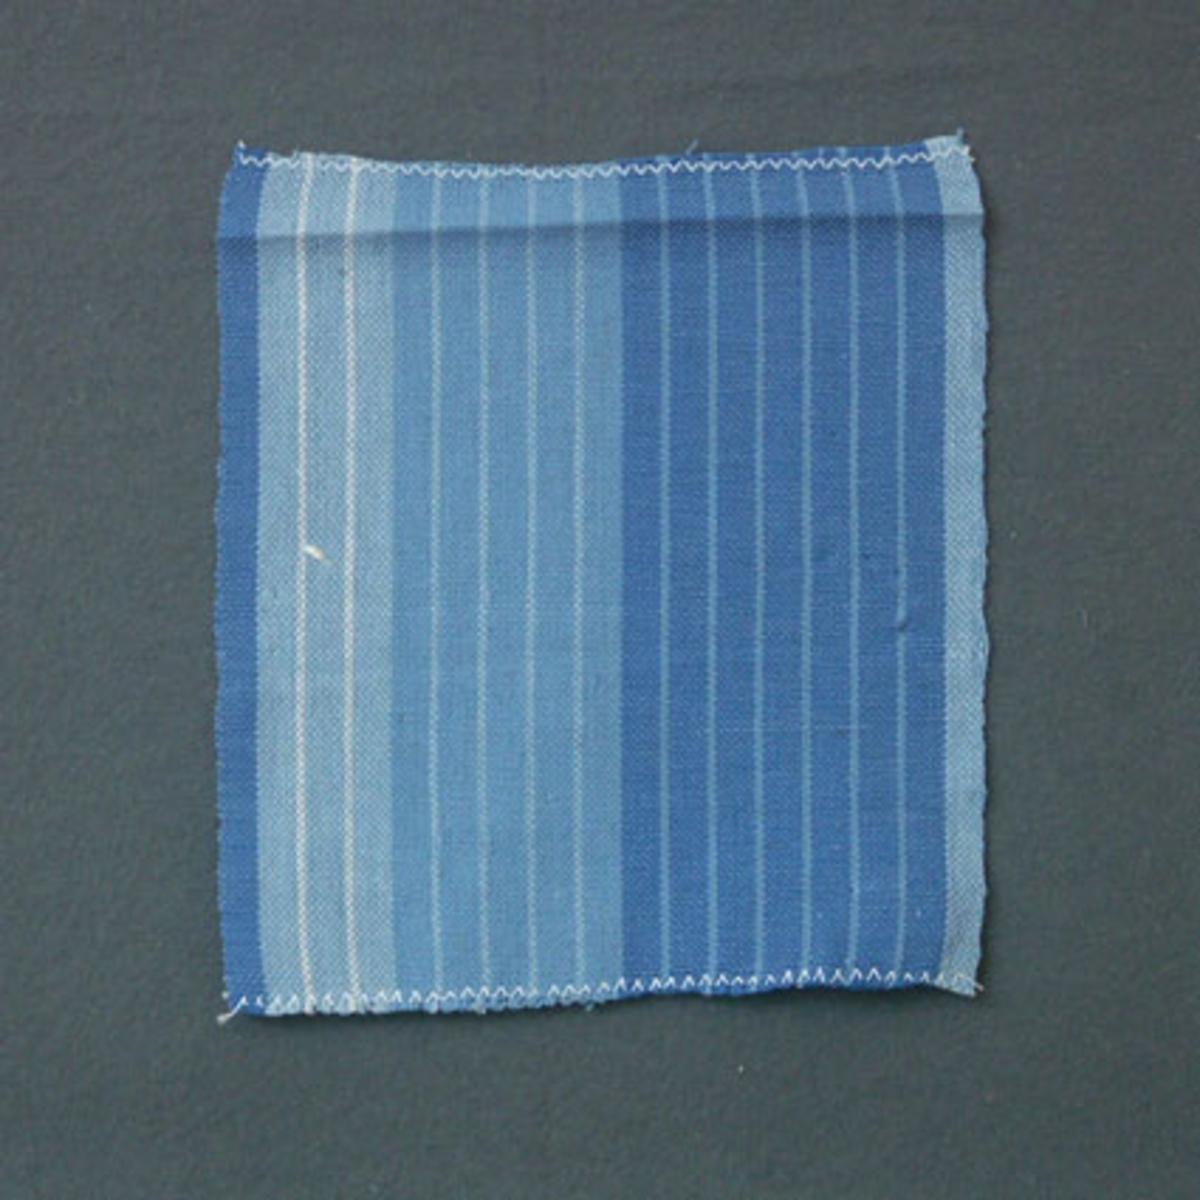 Blårandigt prov till gardin vävd i tuskaft med bomullsgarn i varp och inslag